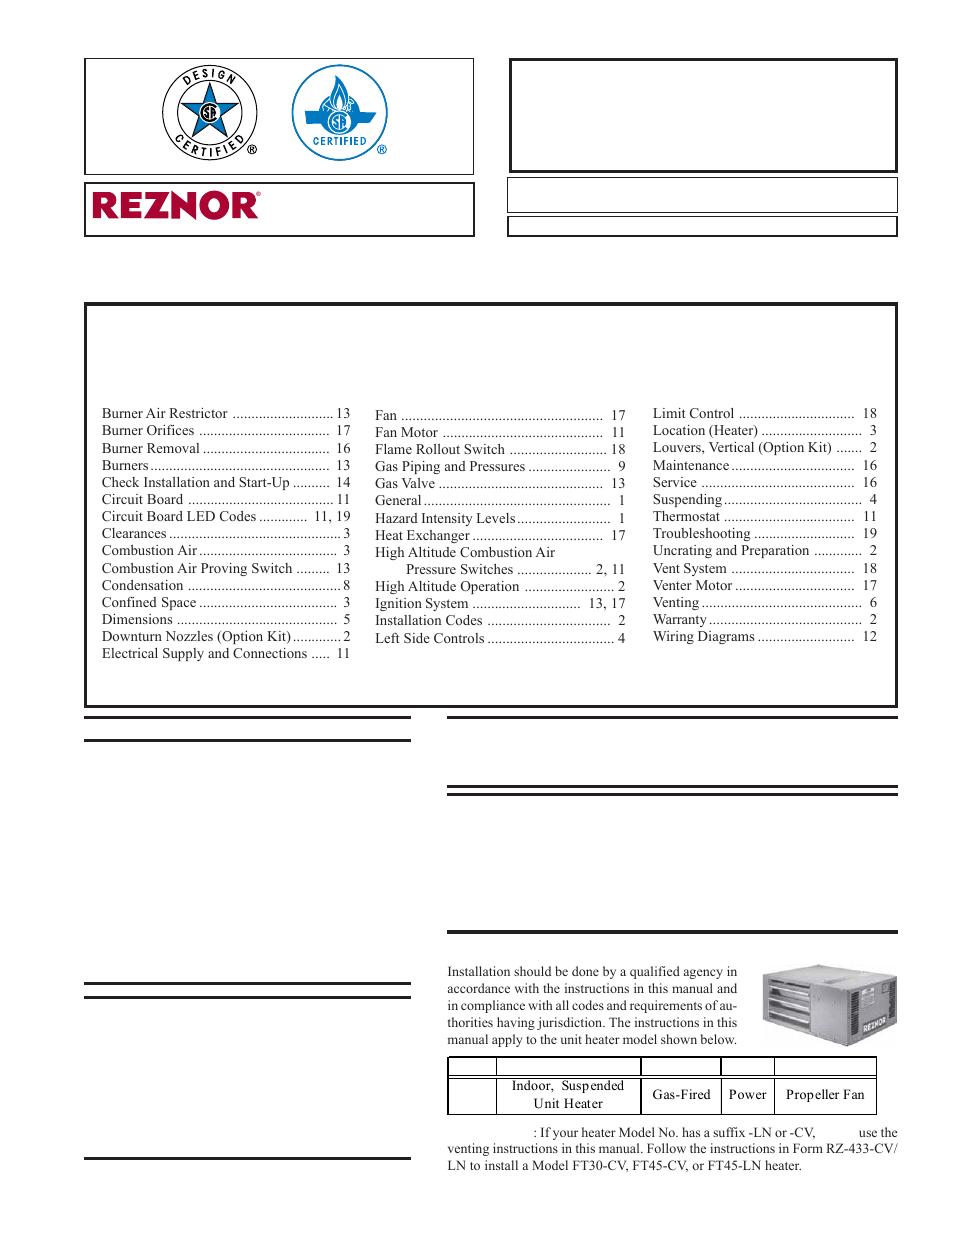 reznor unit heater wiring diagram l4 nerve pain schematic oil pump 32 images ua 105